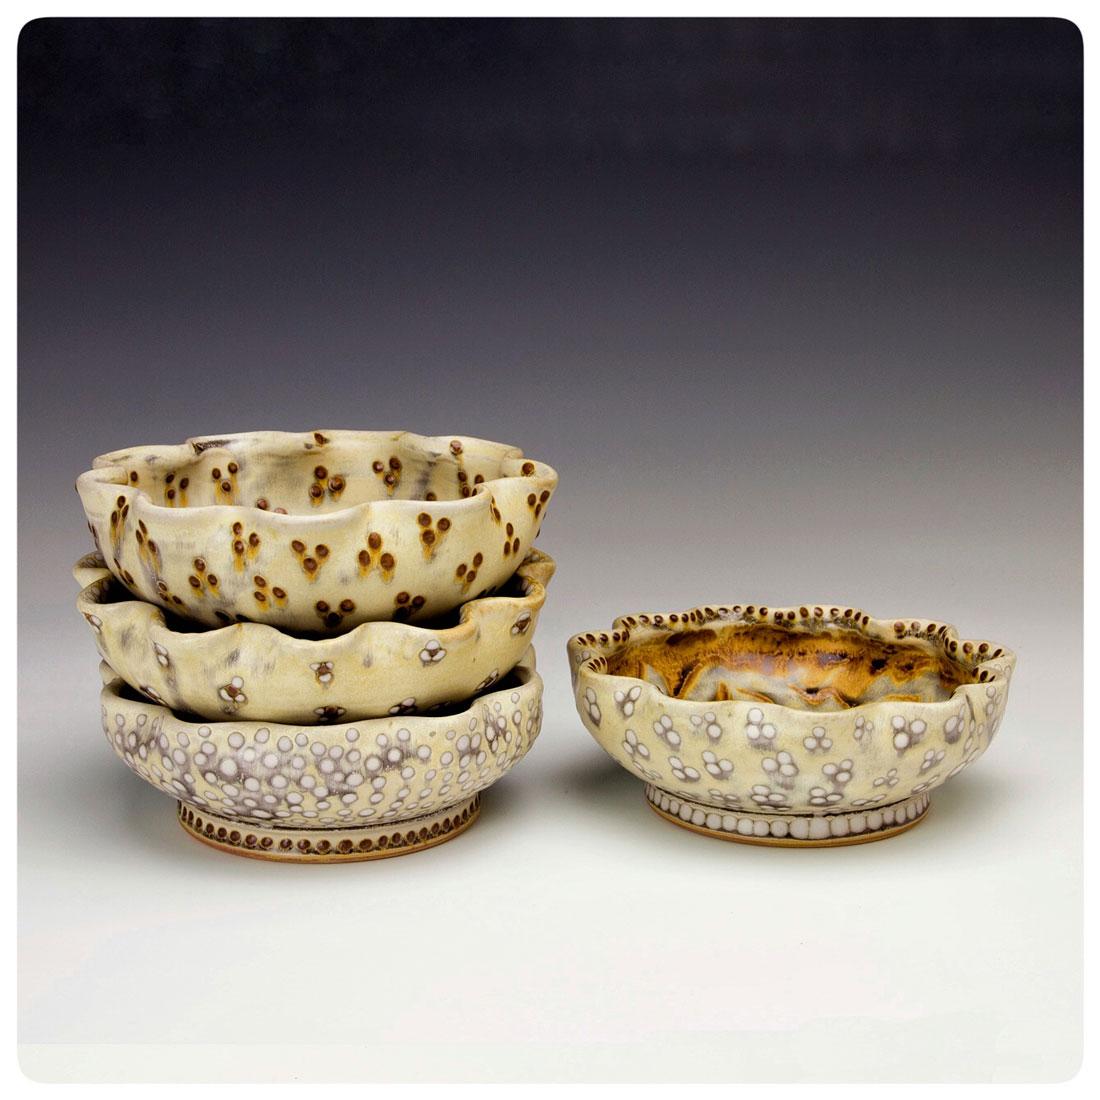 Bowls with scalloped rim & varied patterns by Samantha Henneke | Bulldog Pottery | Seagrove | North Carolina